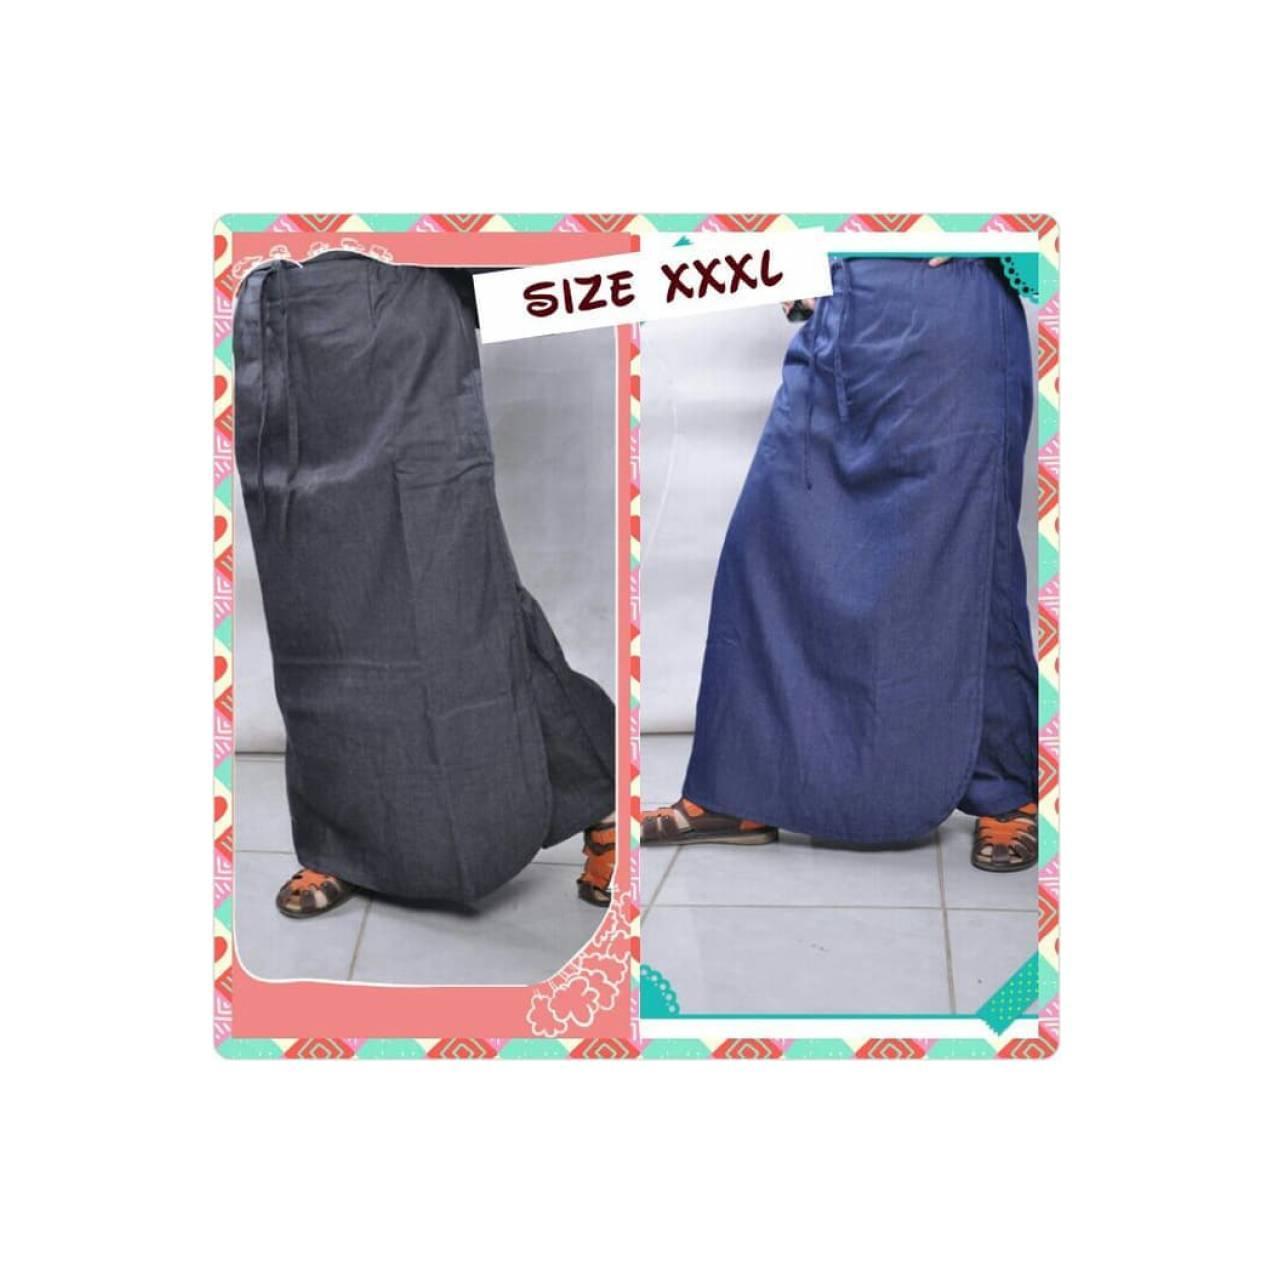 Rok Muslim Terbaru Rok Celana Denim Muslimah Size XXXL